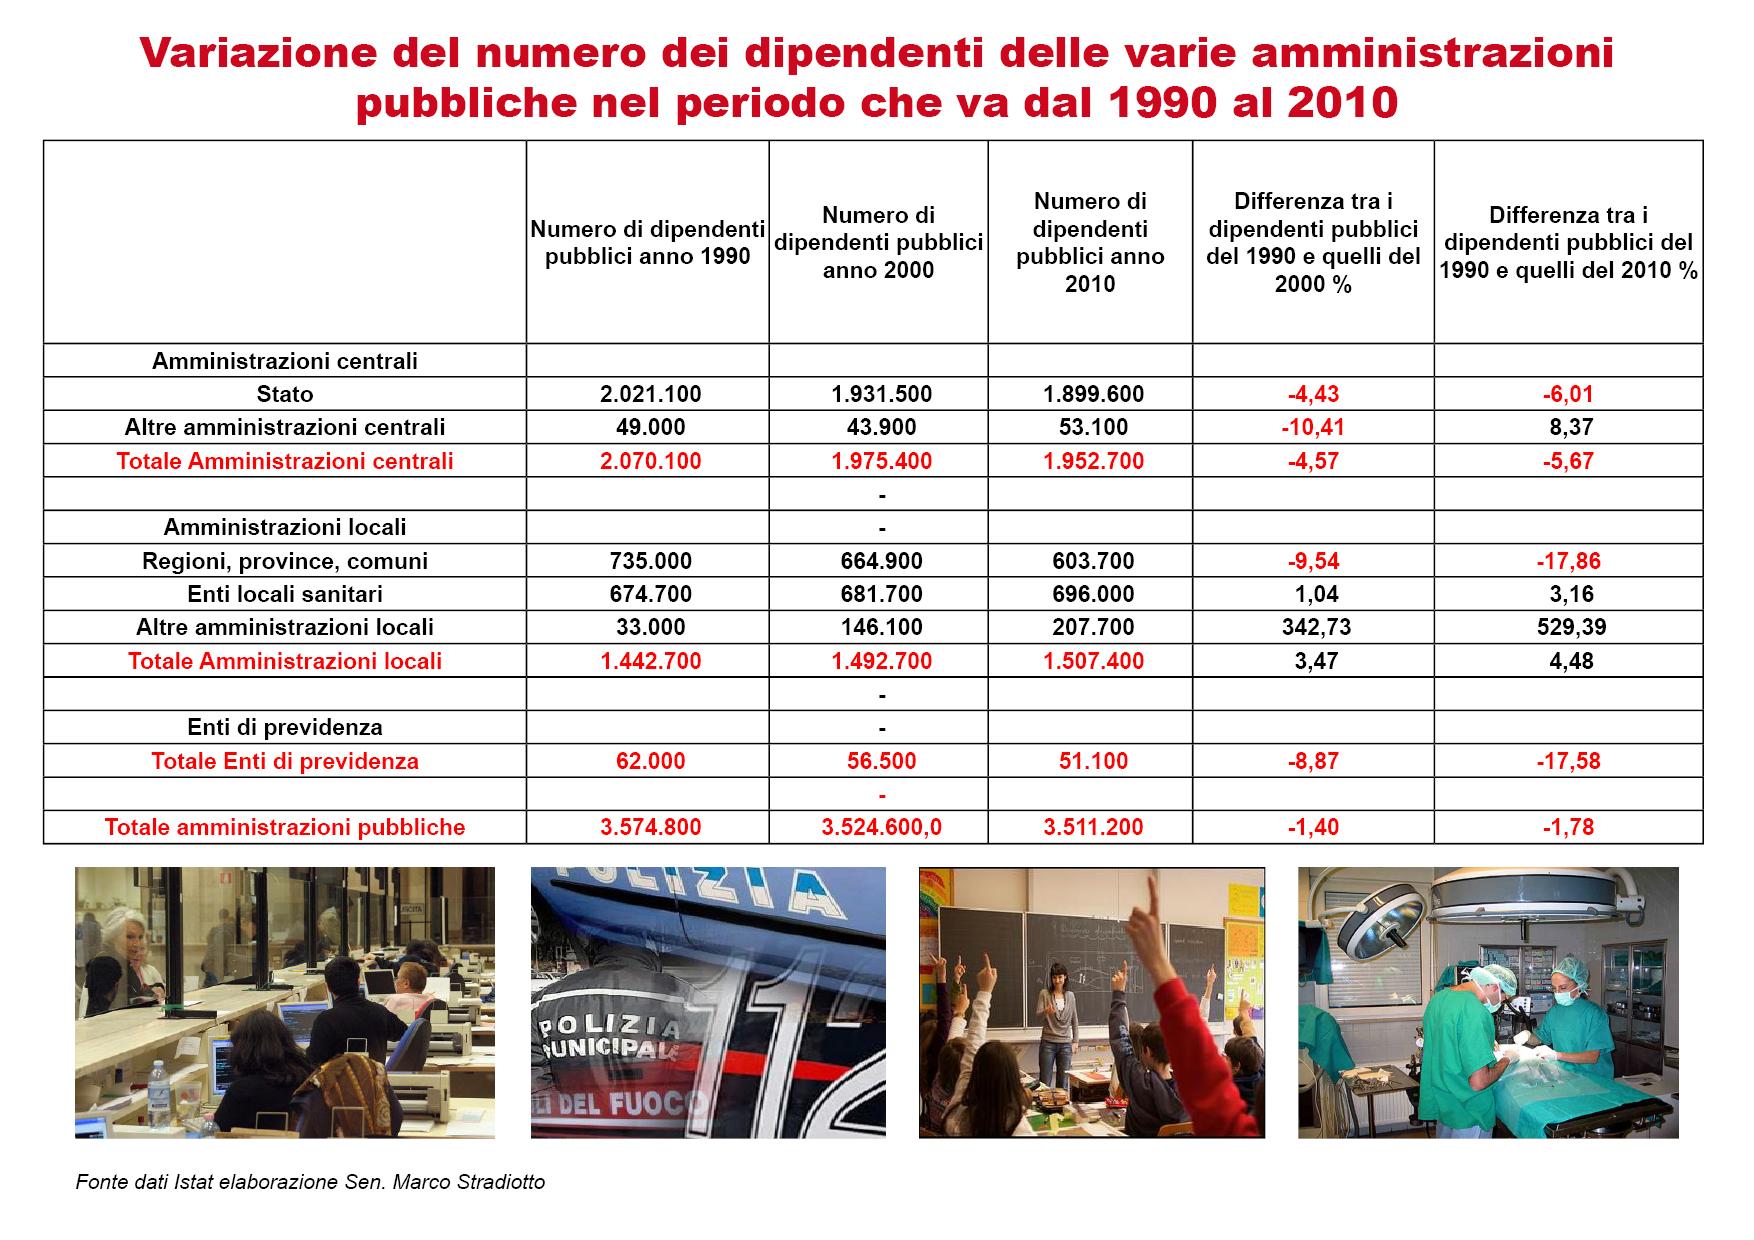 Nel periodo 1990-2010 i dipendenti pubblici sono diminuiti del 1,78%